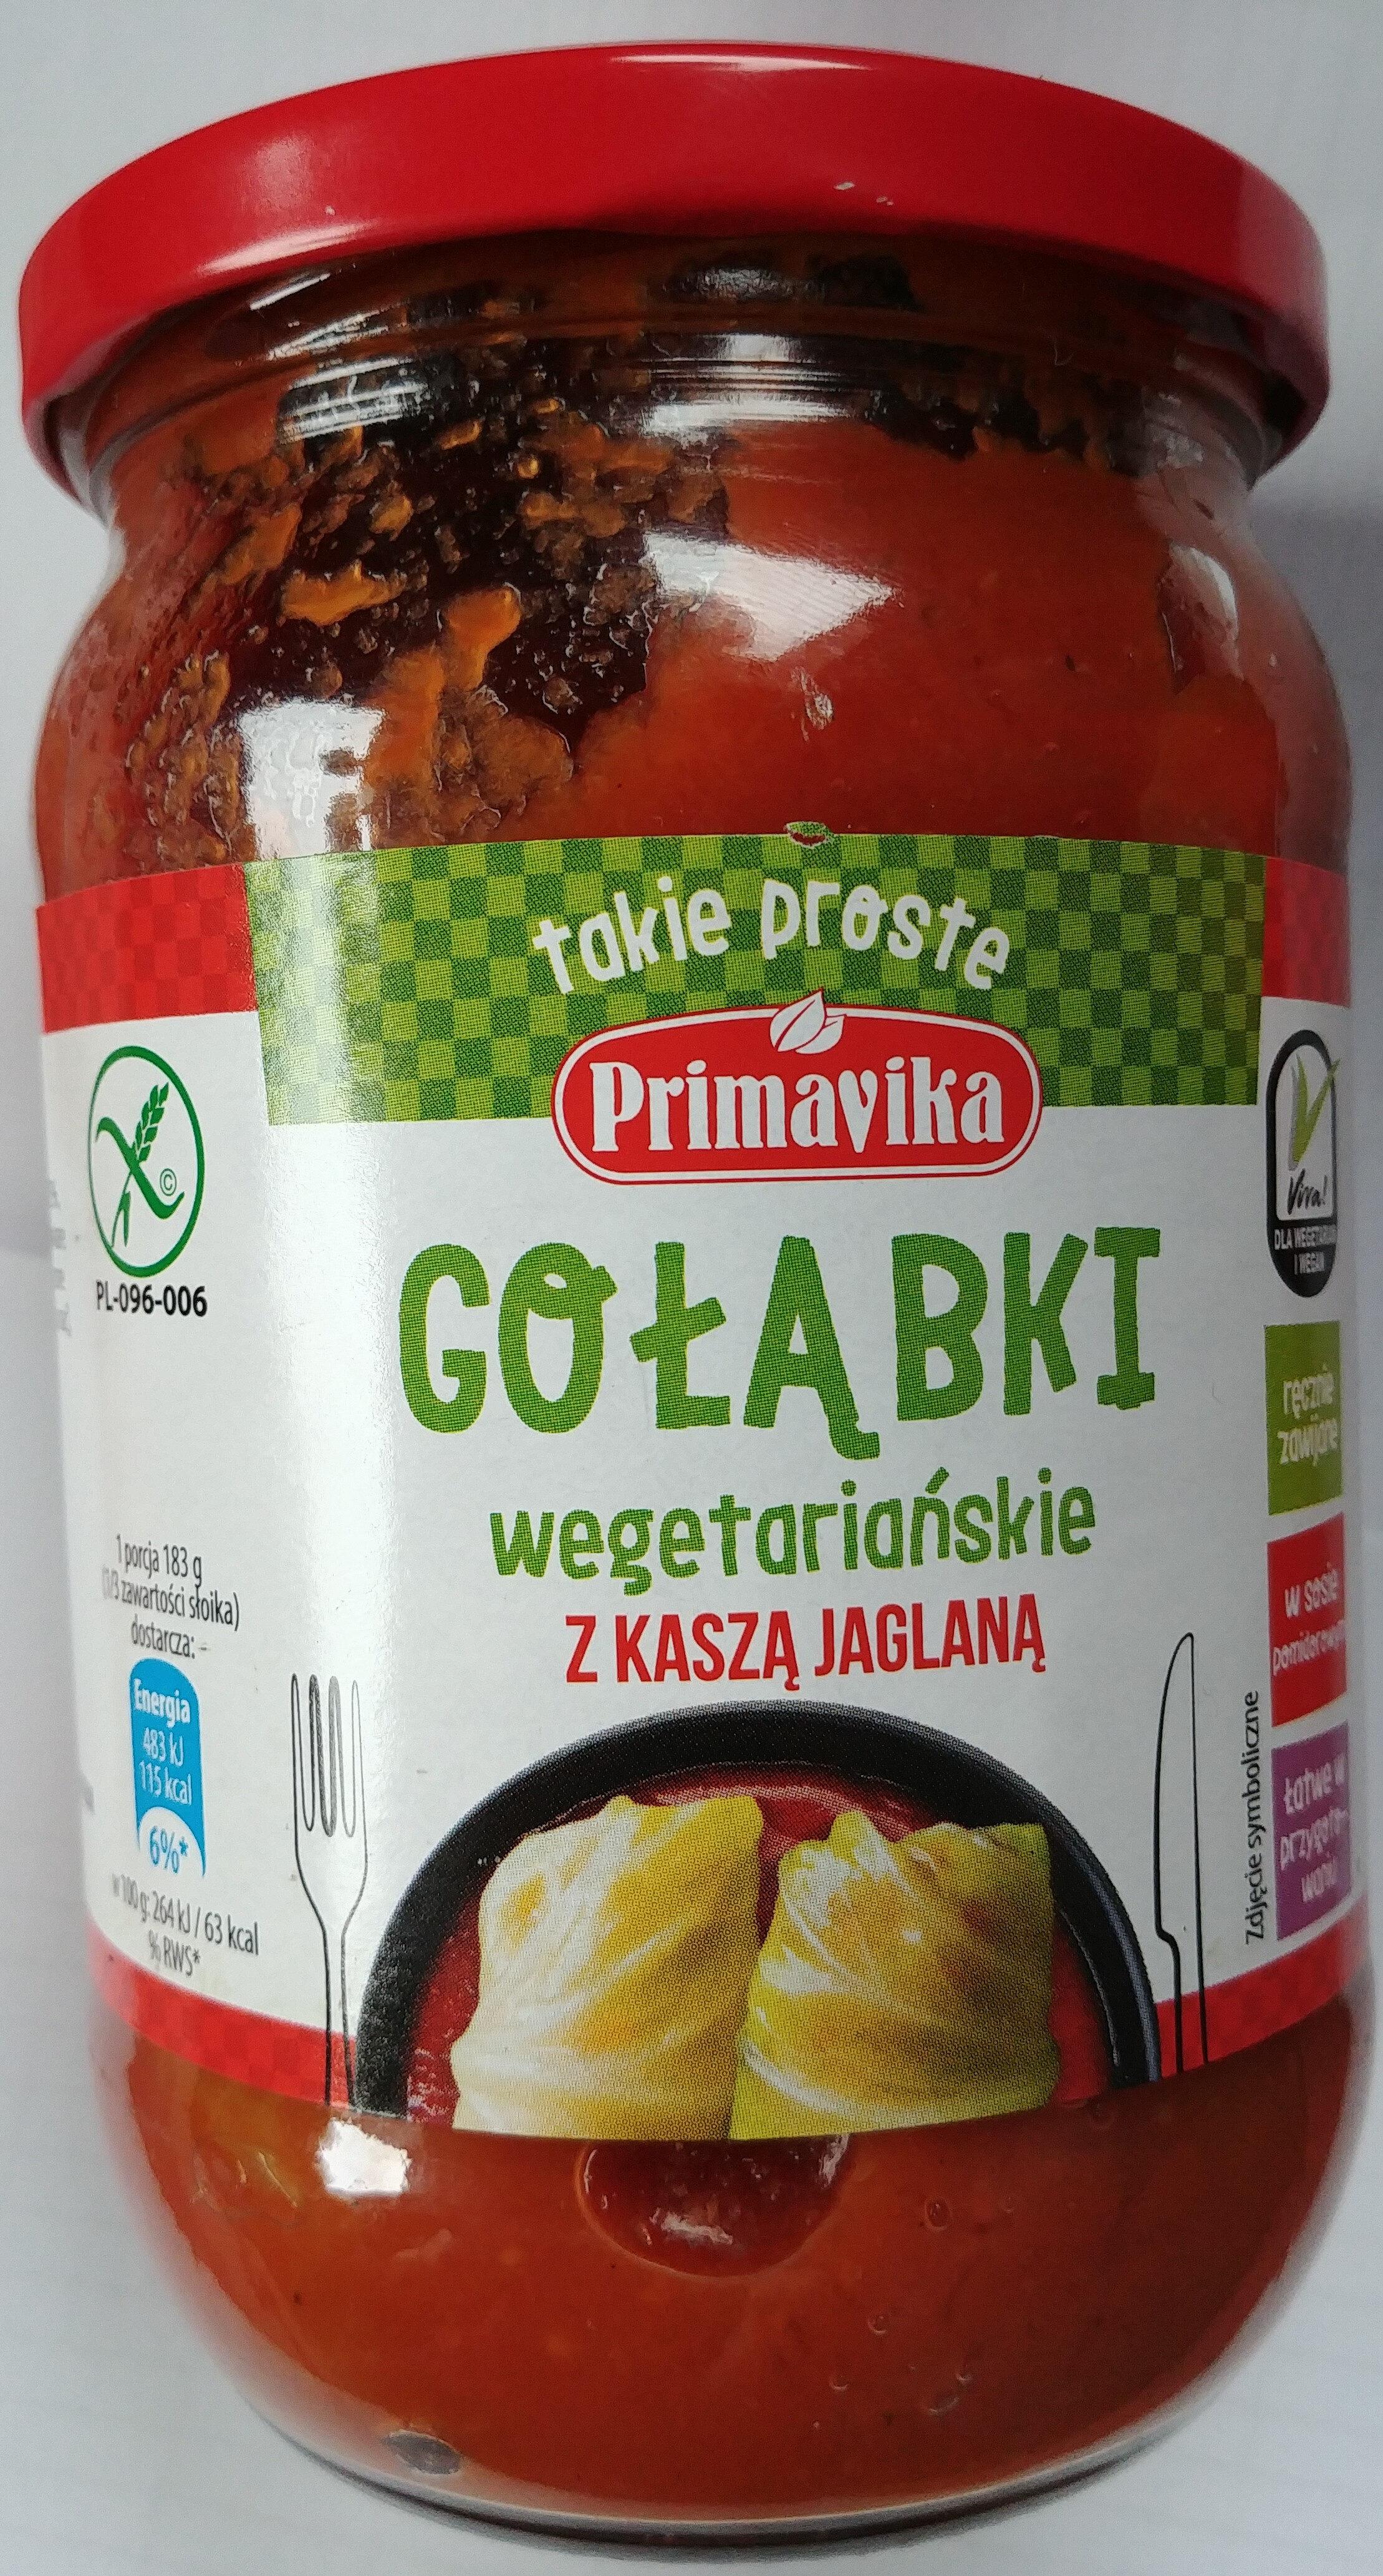 Gołąbki wegetariańskie z kaszą jaglaną - Produit - pl